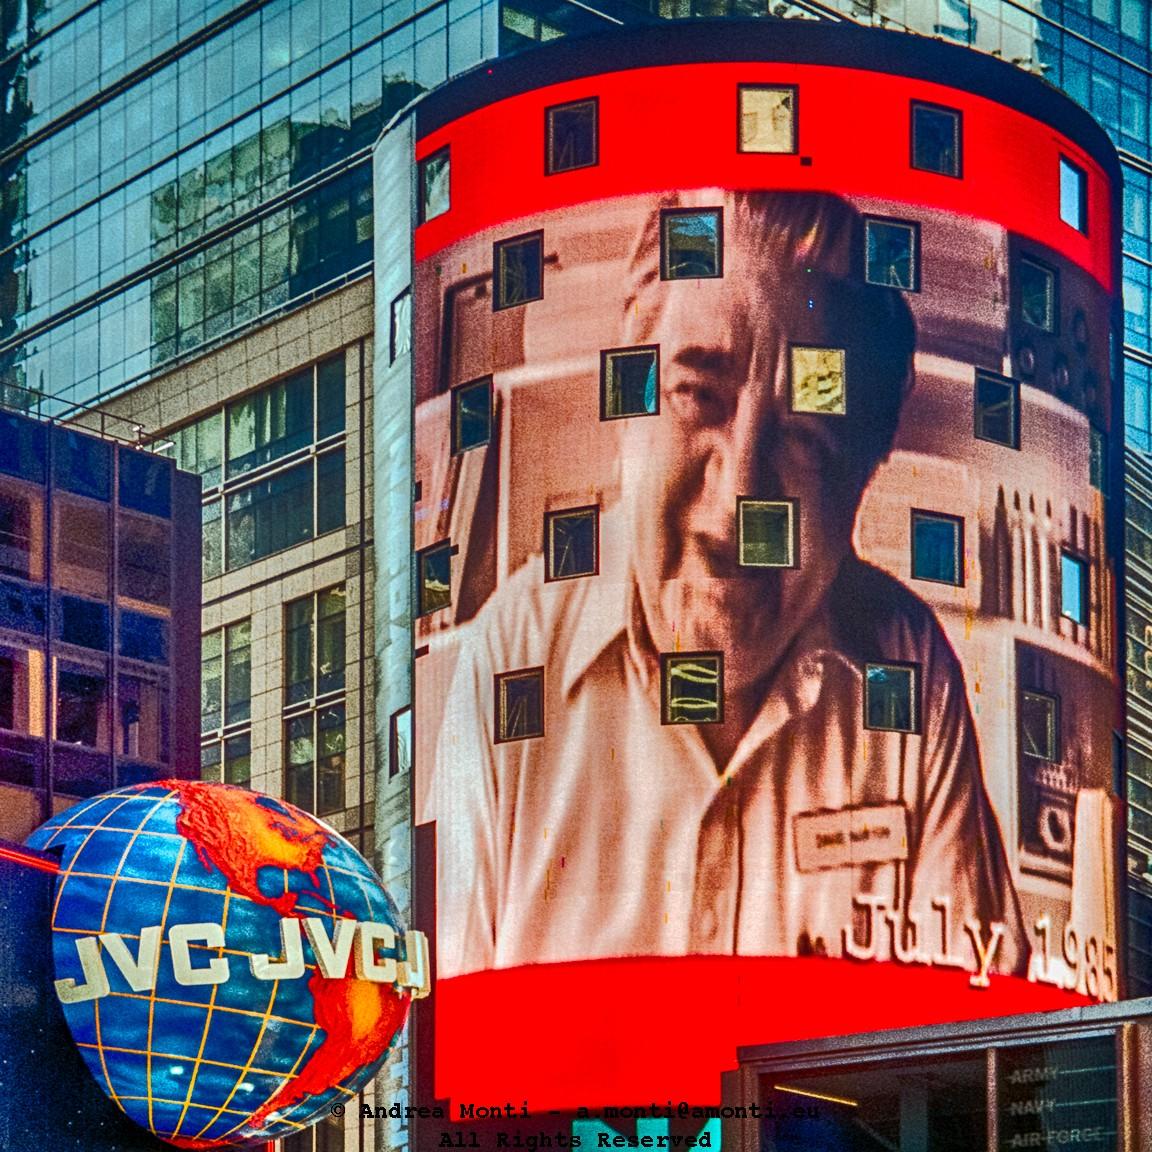 A Portrait on the Nasdaq Building